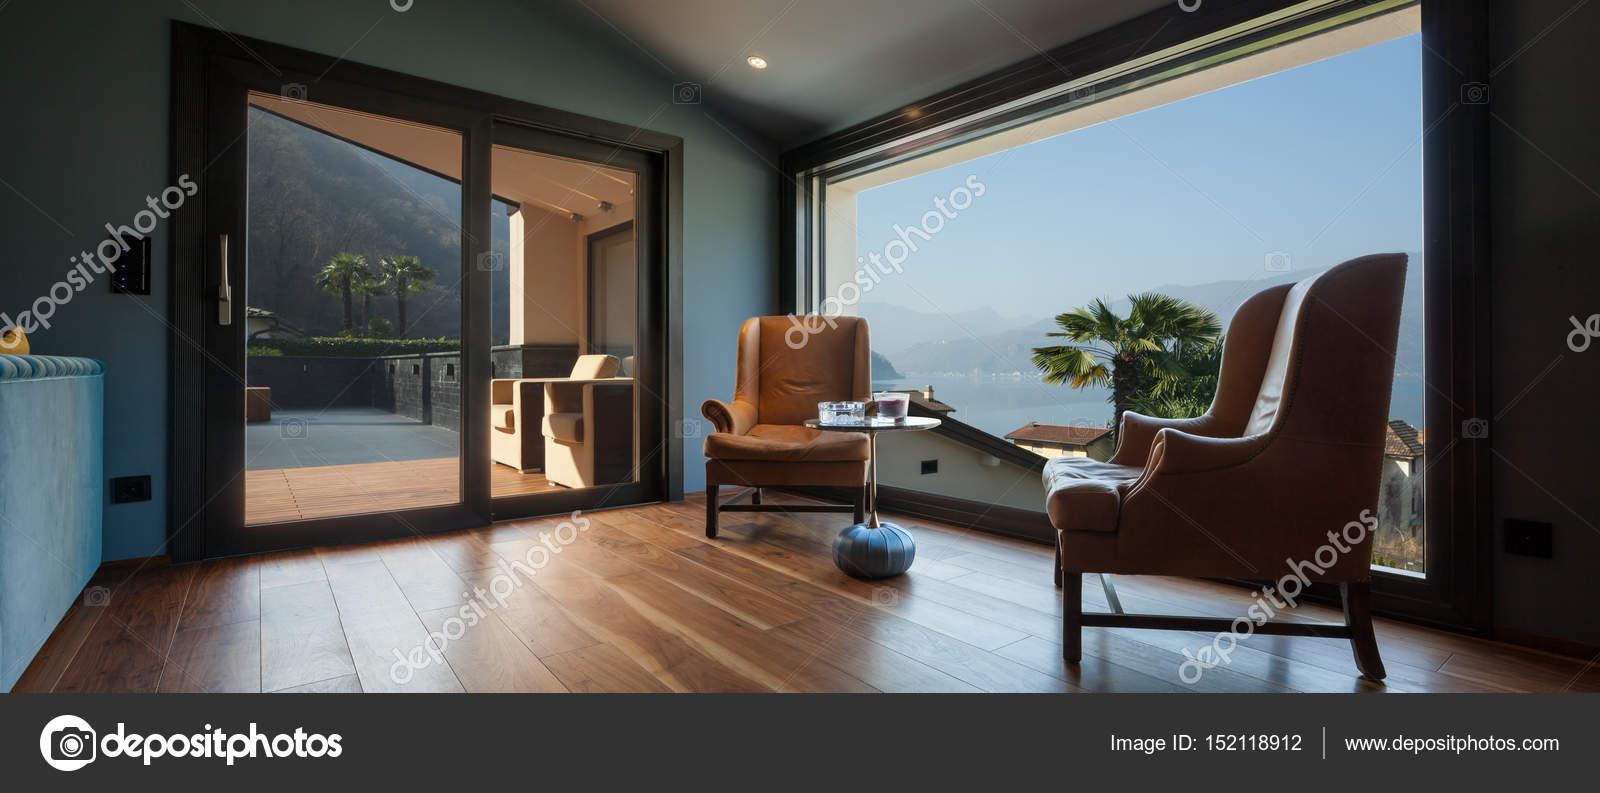 Interieur einer luxuriösen modernen Villa, Wohnzimmer ...